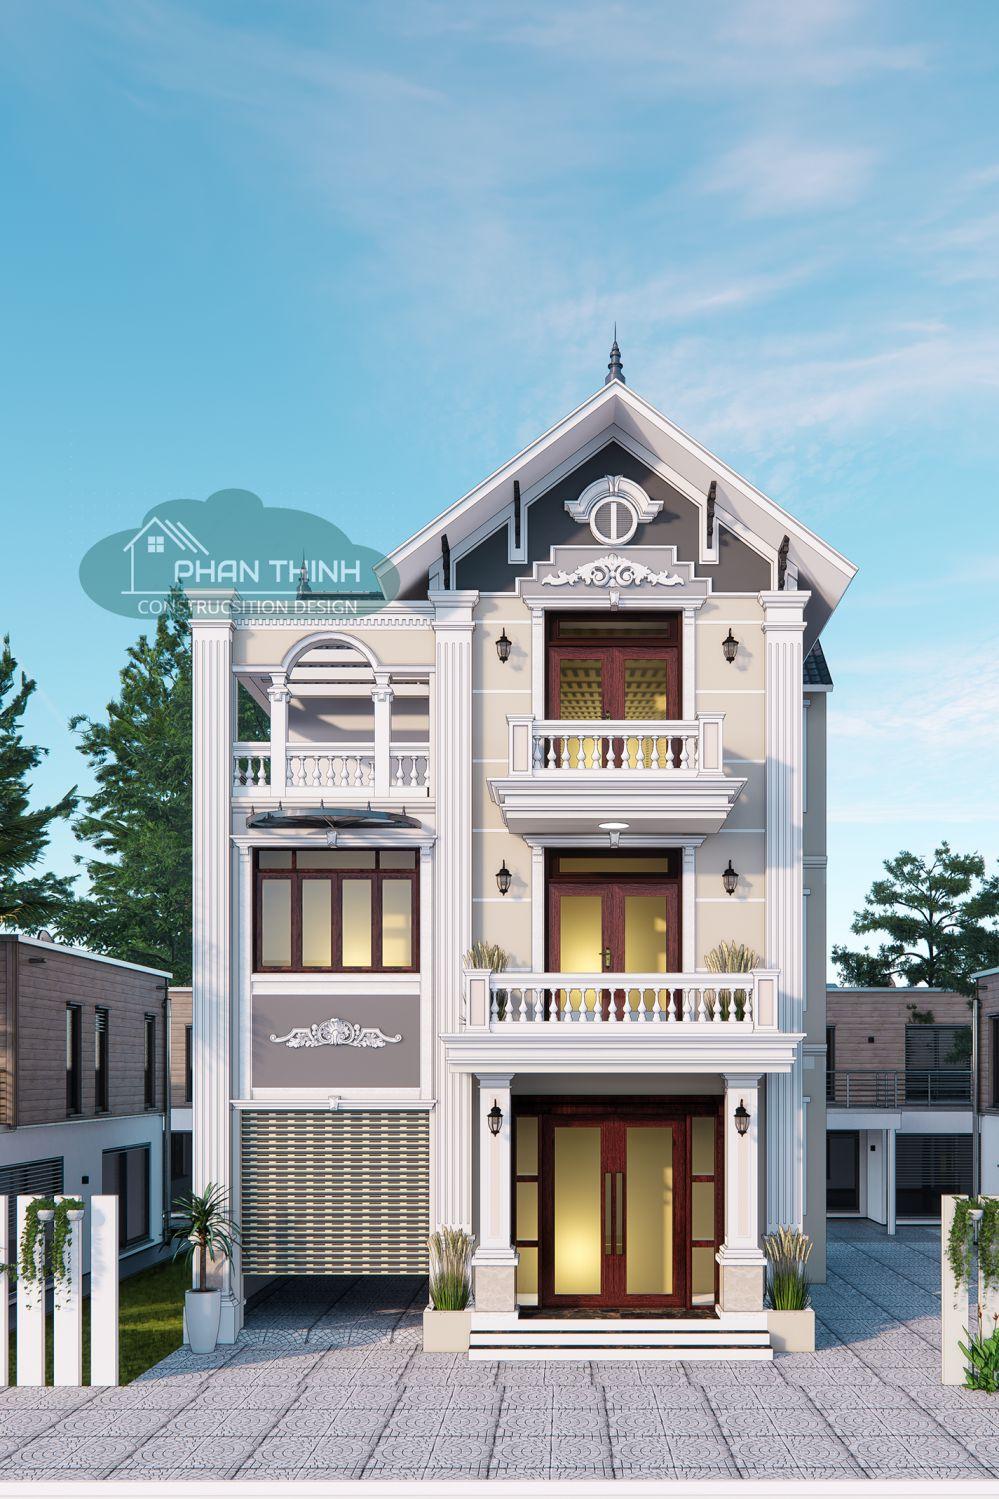 Mẫu phối cảnh thiết kế biệt thự 3 tầng mái thái tân cổ mặt tiền 10 ở Quảng Ninh